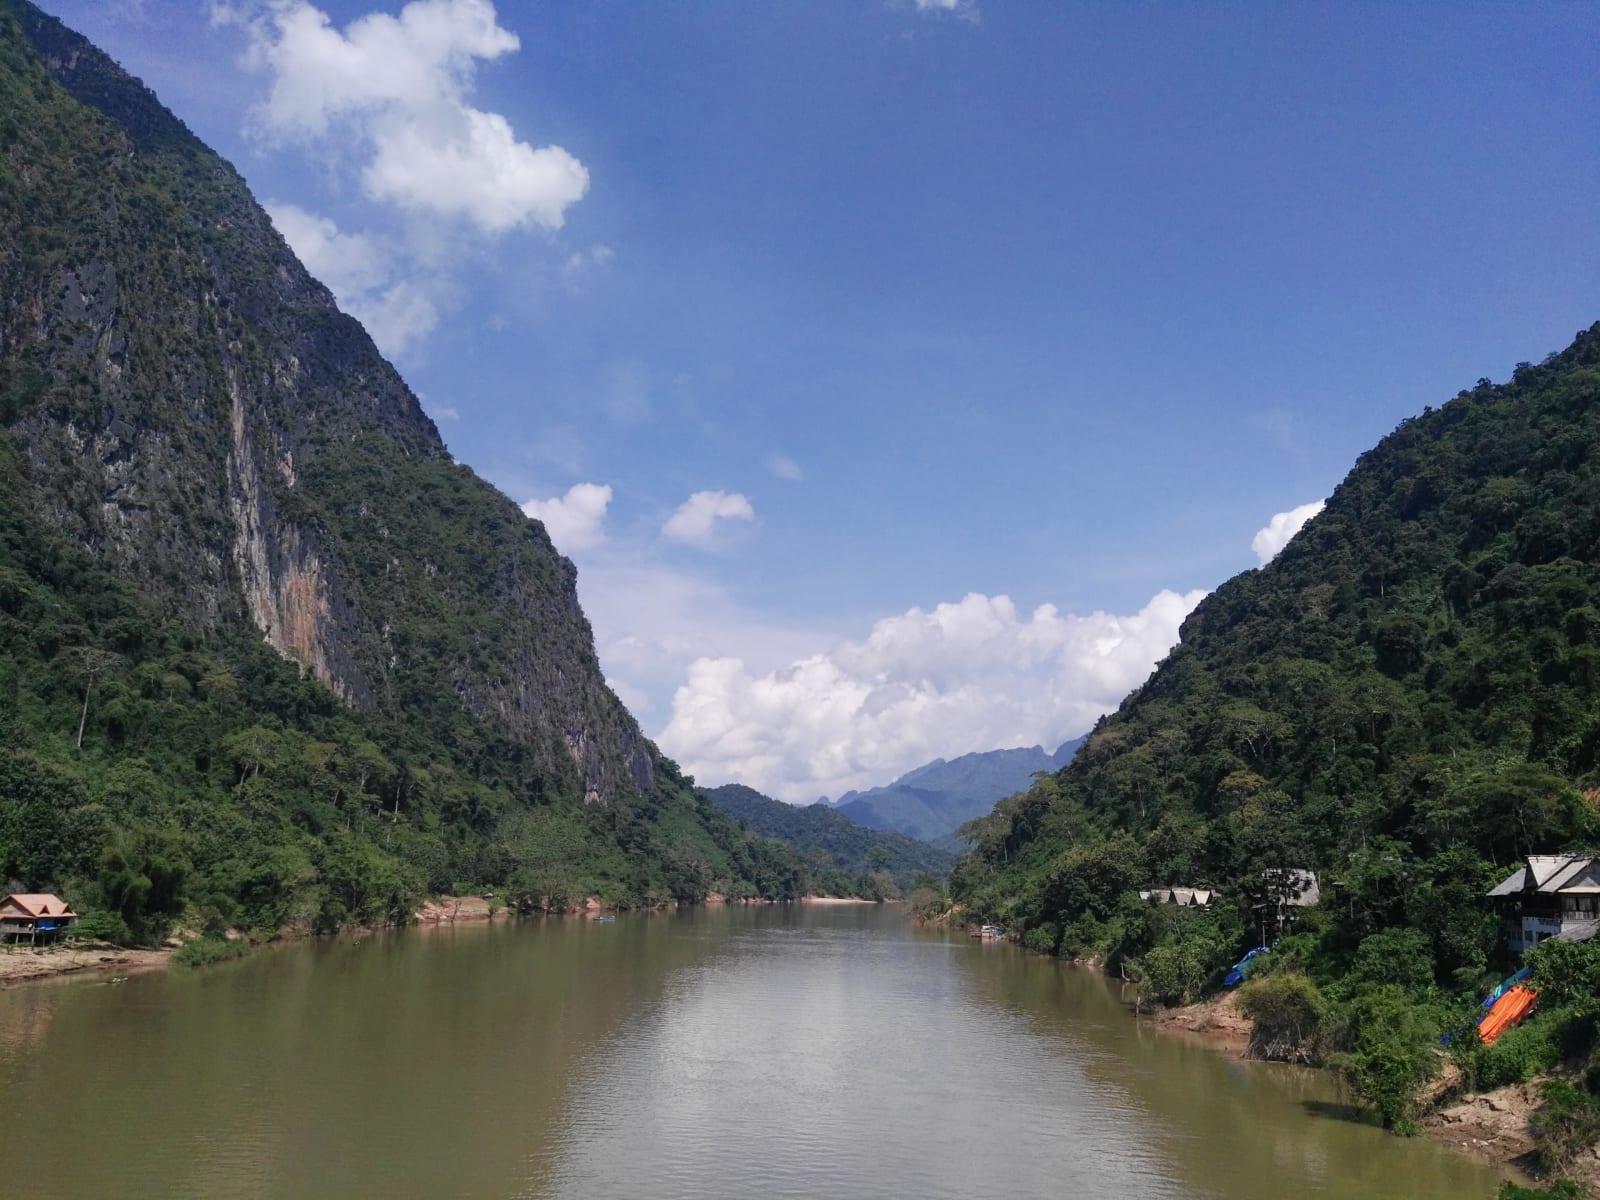 řeka Nam Ou, Nong Khiaw, Laos